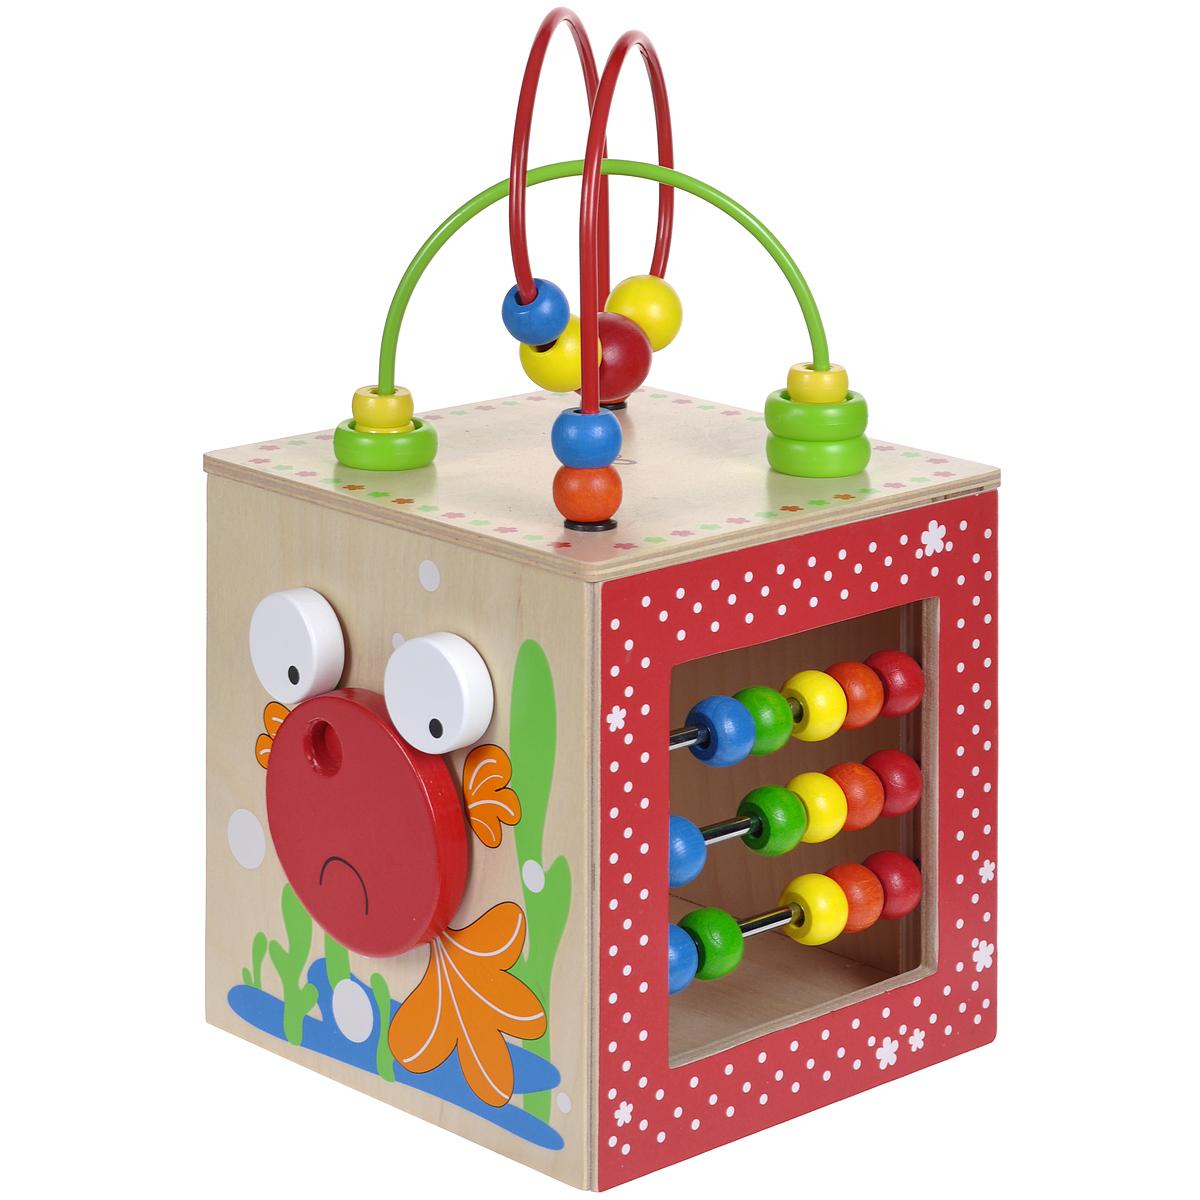 Деревянная развивающая игрушка Hape Активный куб-лабиринтЕ1802Яркая деревянная развивающая игрушка Hape Активный куб-лабиринт понравится вашему малышу и надолго займет его внимание. Игрушка выполнена из дерева в виде необычного куба, на гранях которого имеется множество занимательных элементов. На одной стороне игрушки расположены часики в виде цветка, которые помогут ребенку научиться определять время. На другой стороне находятся счеты: на металлические оси нанизаны разноцветные деревянные бусинки. Малыш с удовольствием будет их передвигать из стороны в сторону, осваивая счет. На одной из сторон куба изображена рыбка с объемными глазками и туловищем. Ребенок сможет вращать туловище рыбки, при этом приводя в движение и ее глаза. На четвертой стороне расположено большое круглое зеркало. Сверху на кубе имеются изогнутые металлические дуги, на которые нанизаны разноцветные колечки и бусинки. Малыш с удовольствием сможет их передвигать вдоль дуги или вращать. Игрушка Активный куб-лабиринт поможет ребенку в развитии...